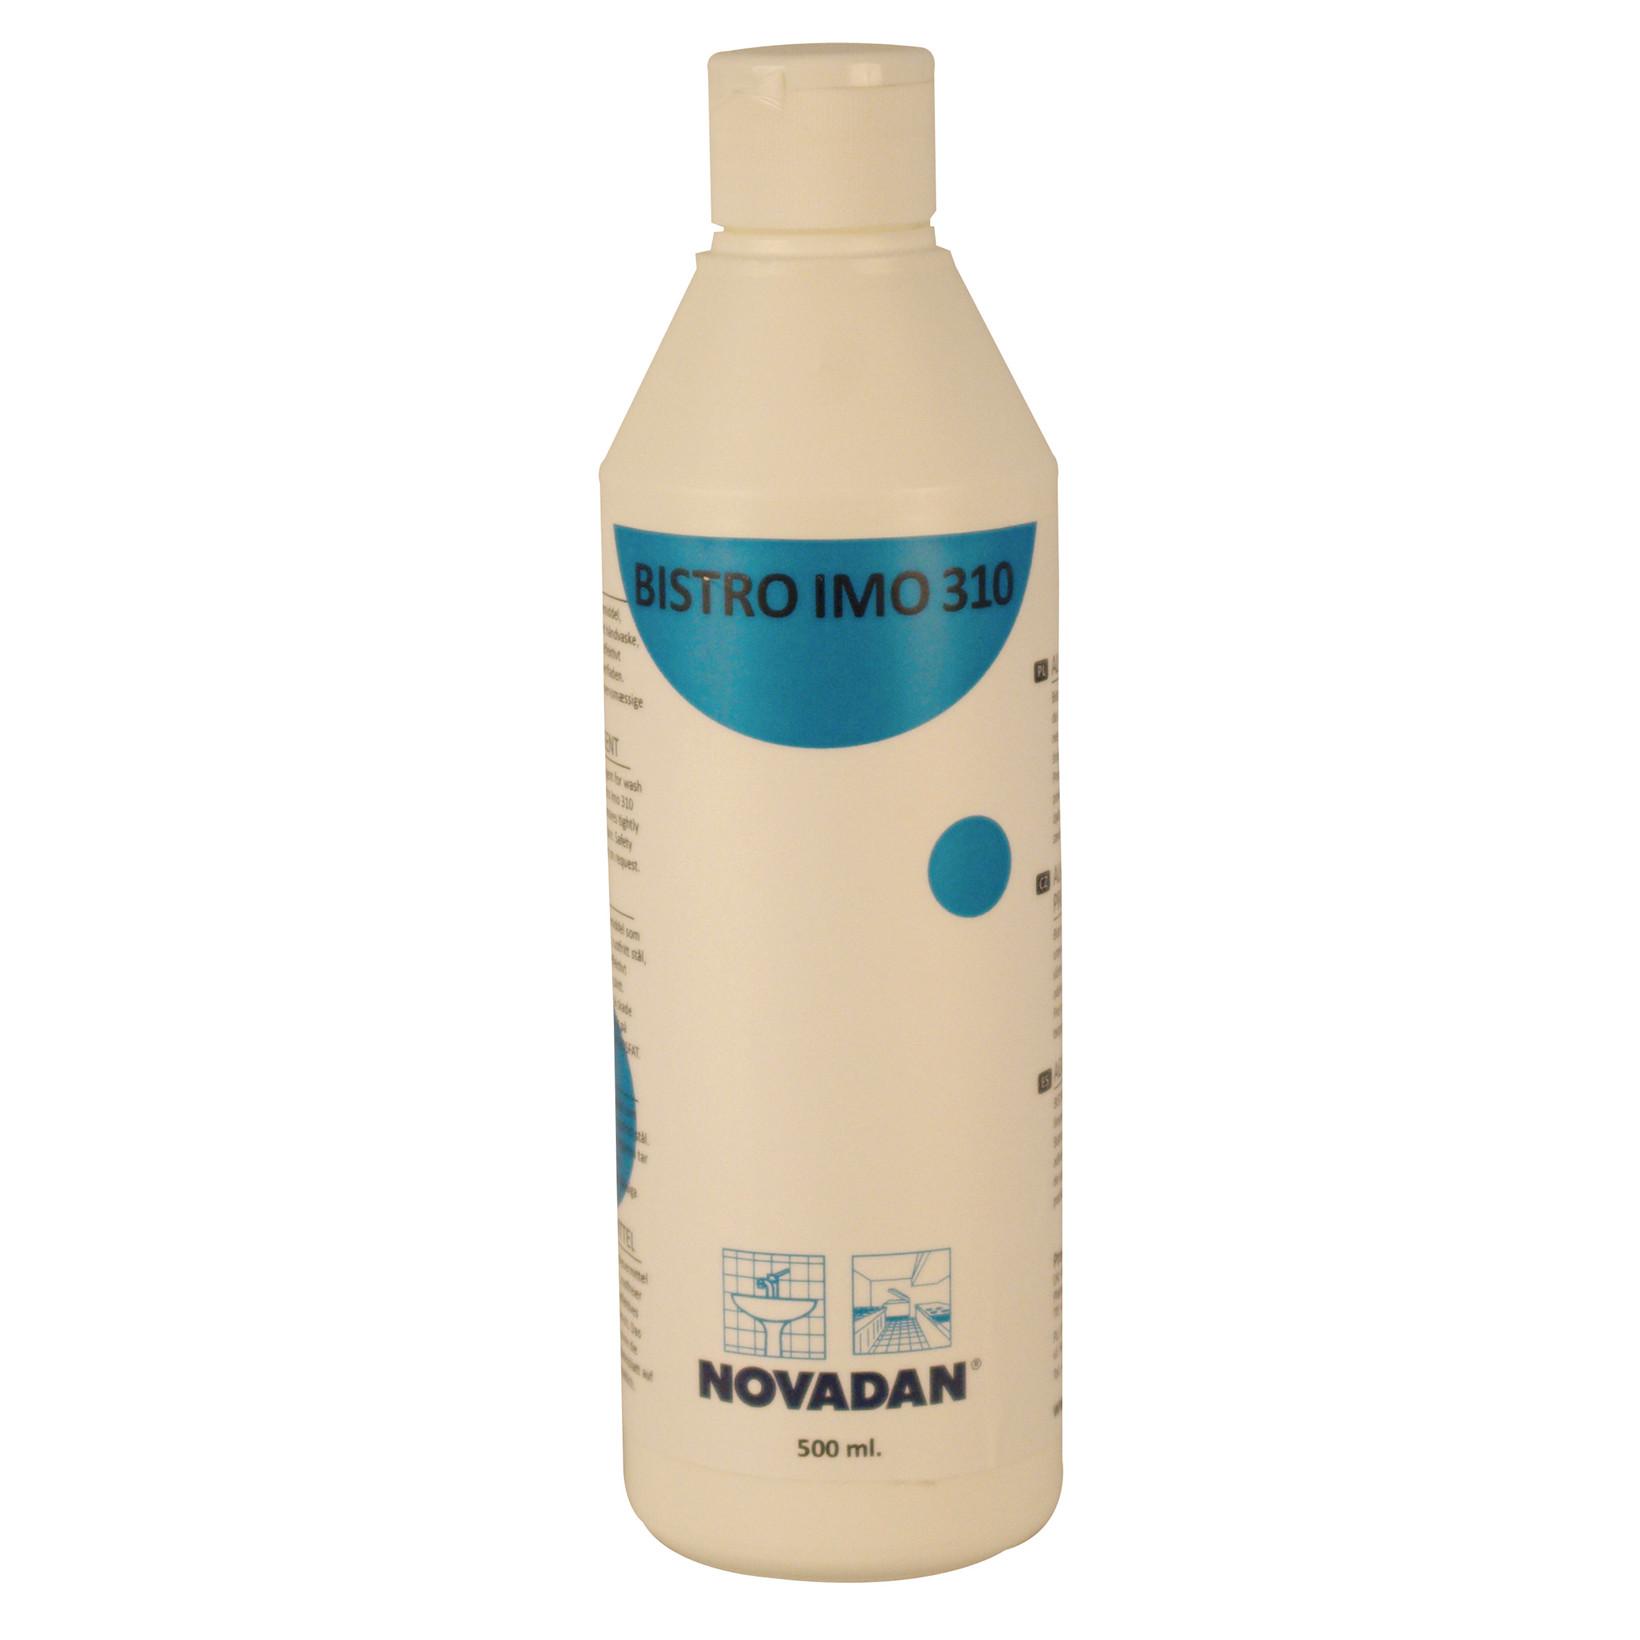 Novadan Bistro Imo 310 skuremiddel - 500 ml